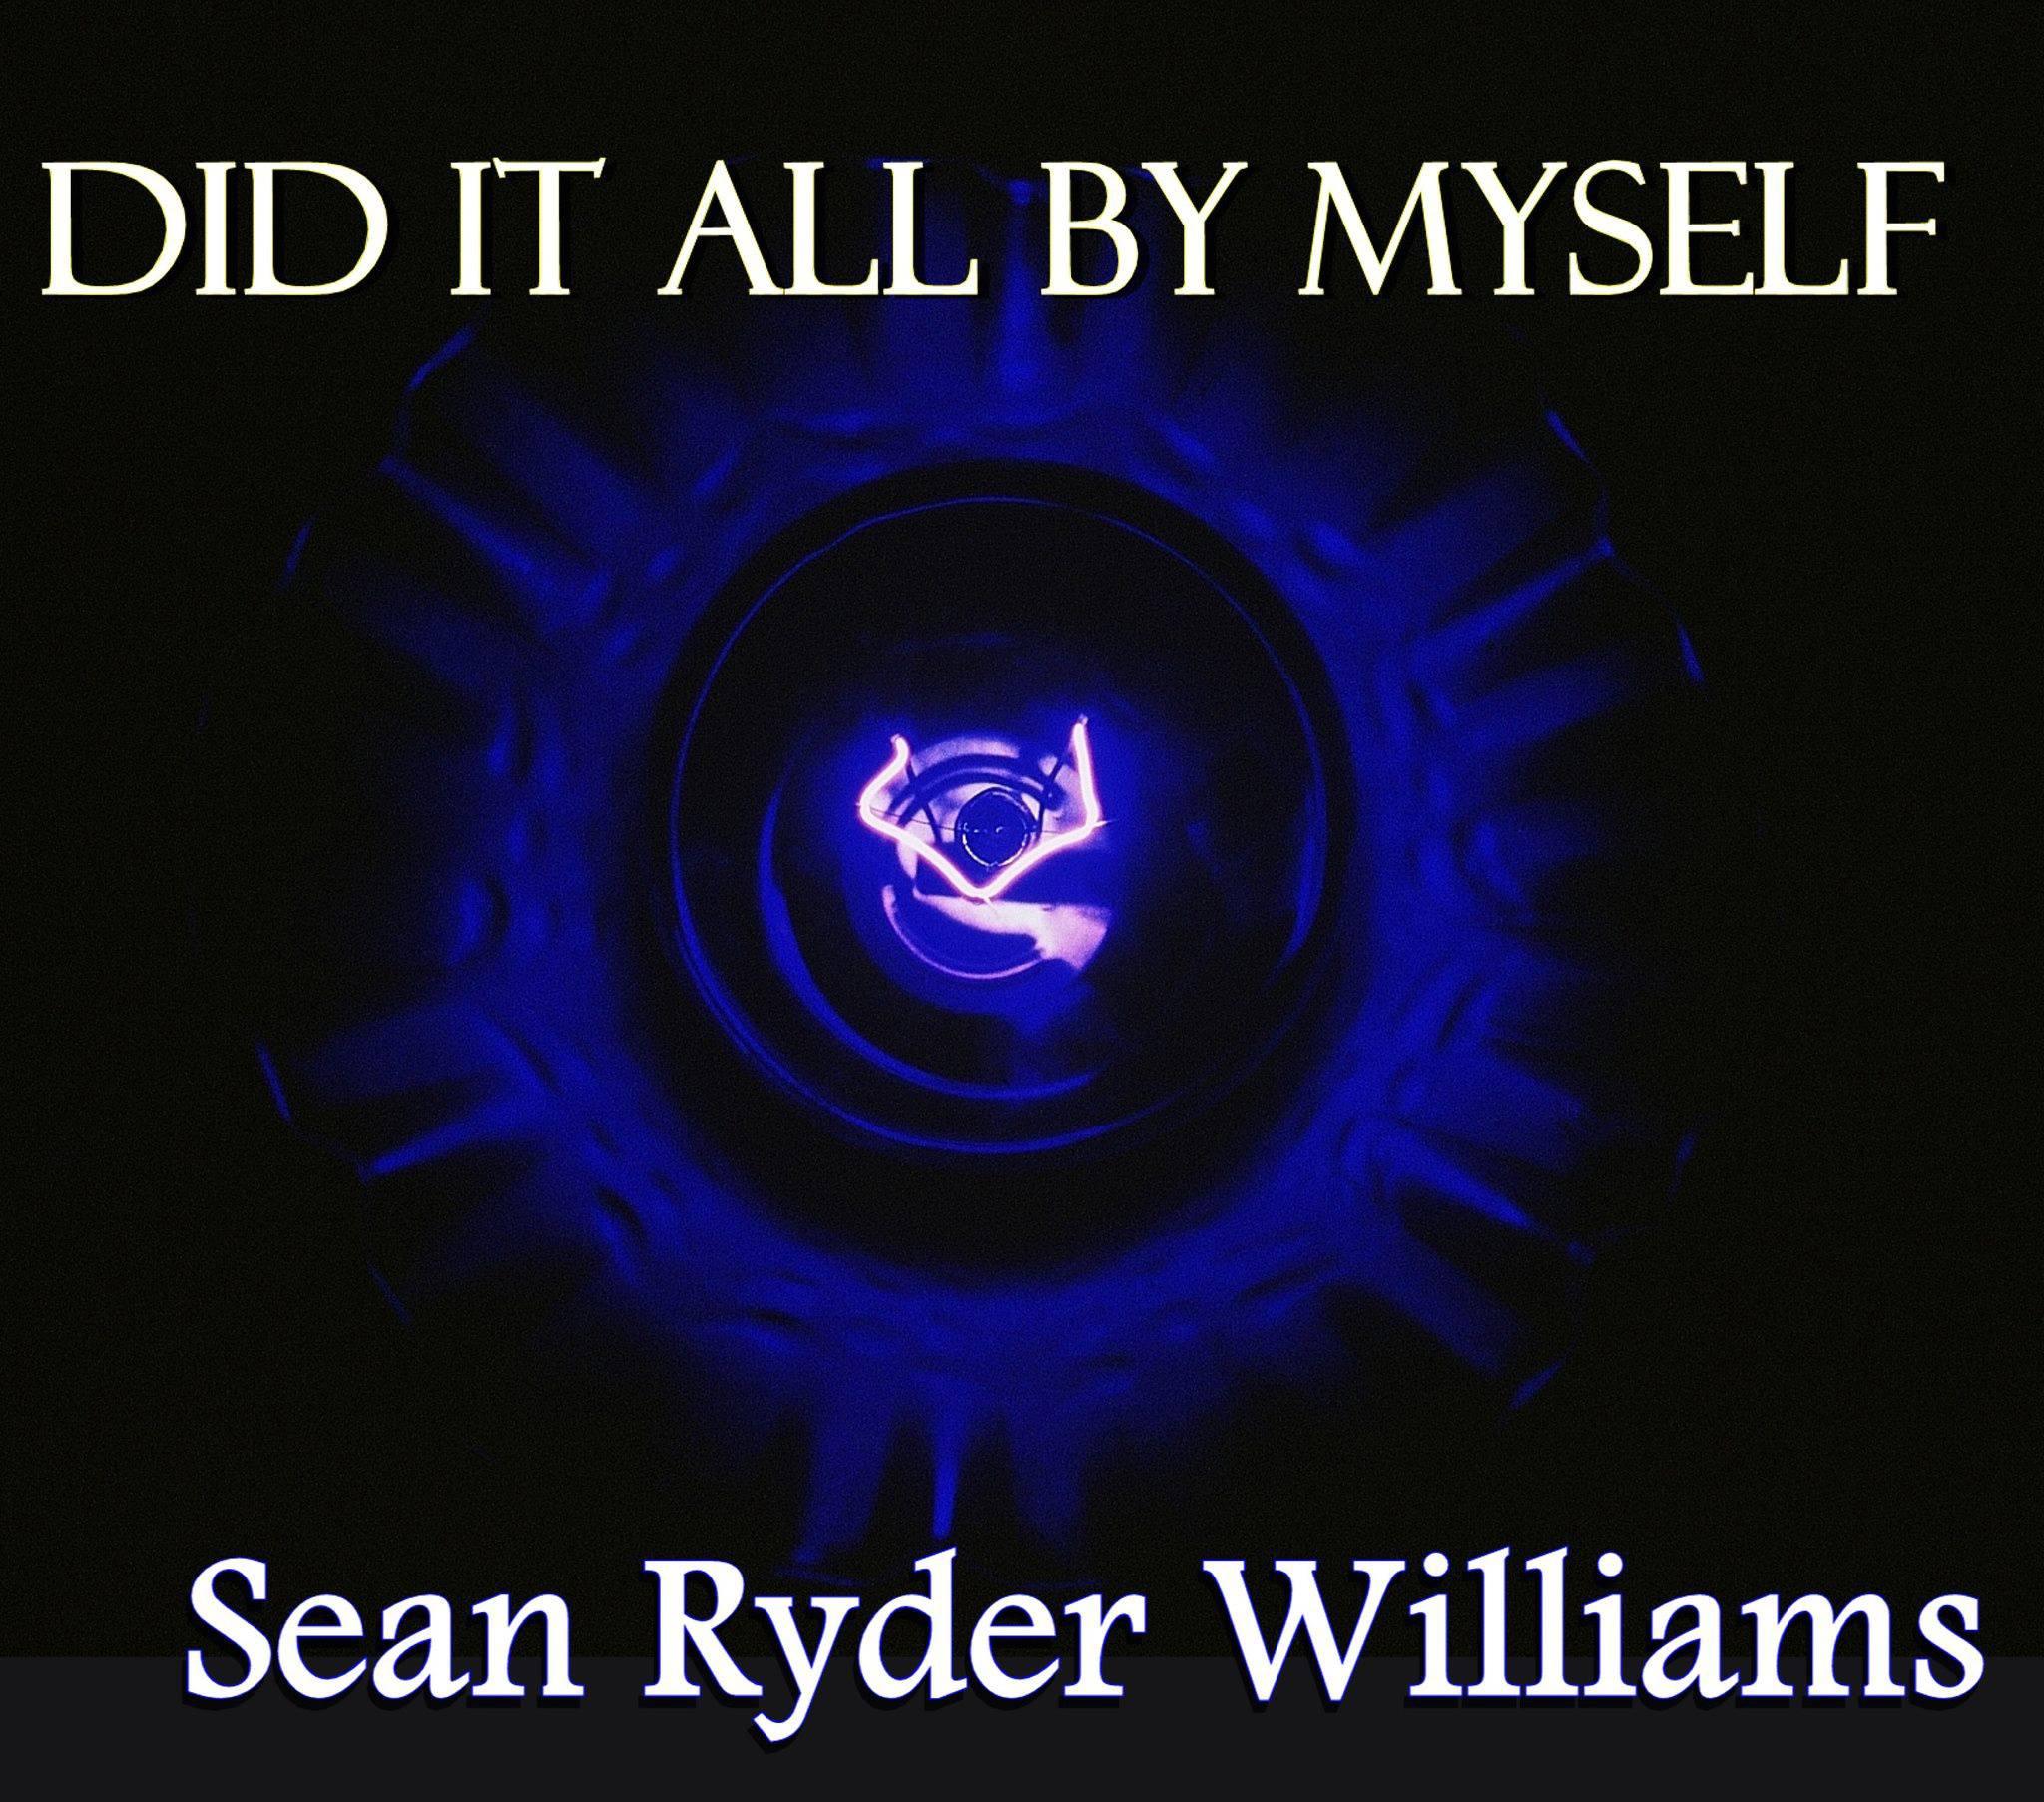 Sean-Ryder-Williams-Did-It-All-By-Myself.jpg